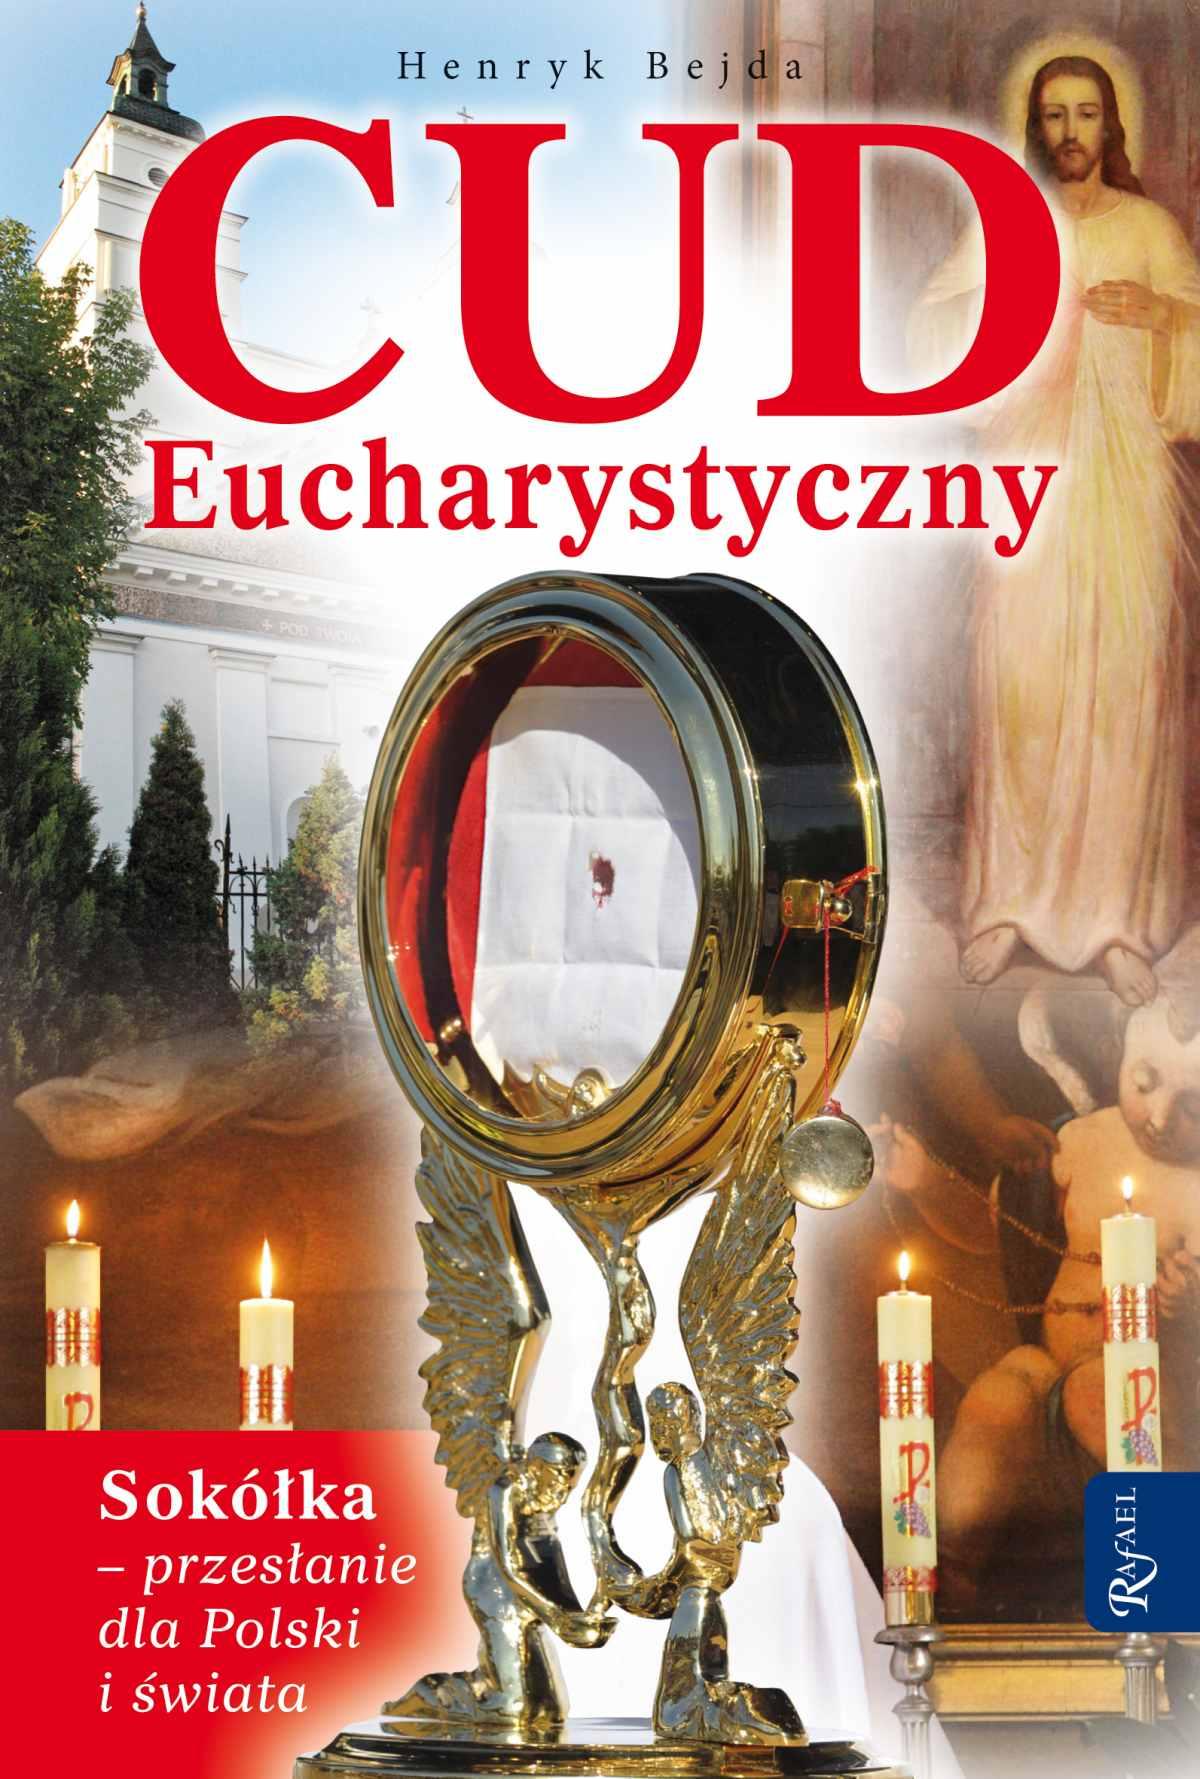 Cud Eucharystyczny. Sokółka - przesłanie dla Polski i świata - Ebook (Książka EPUB) do pobrania w formacie EPUB